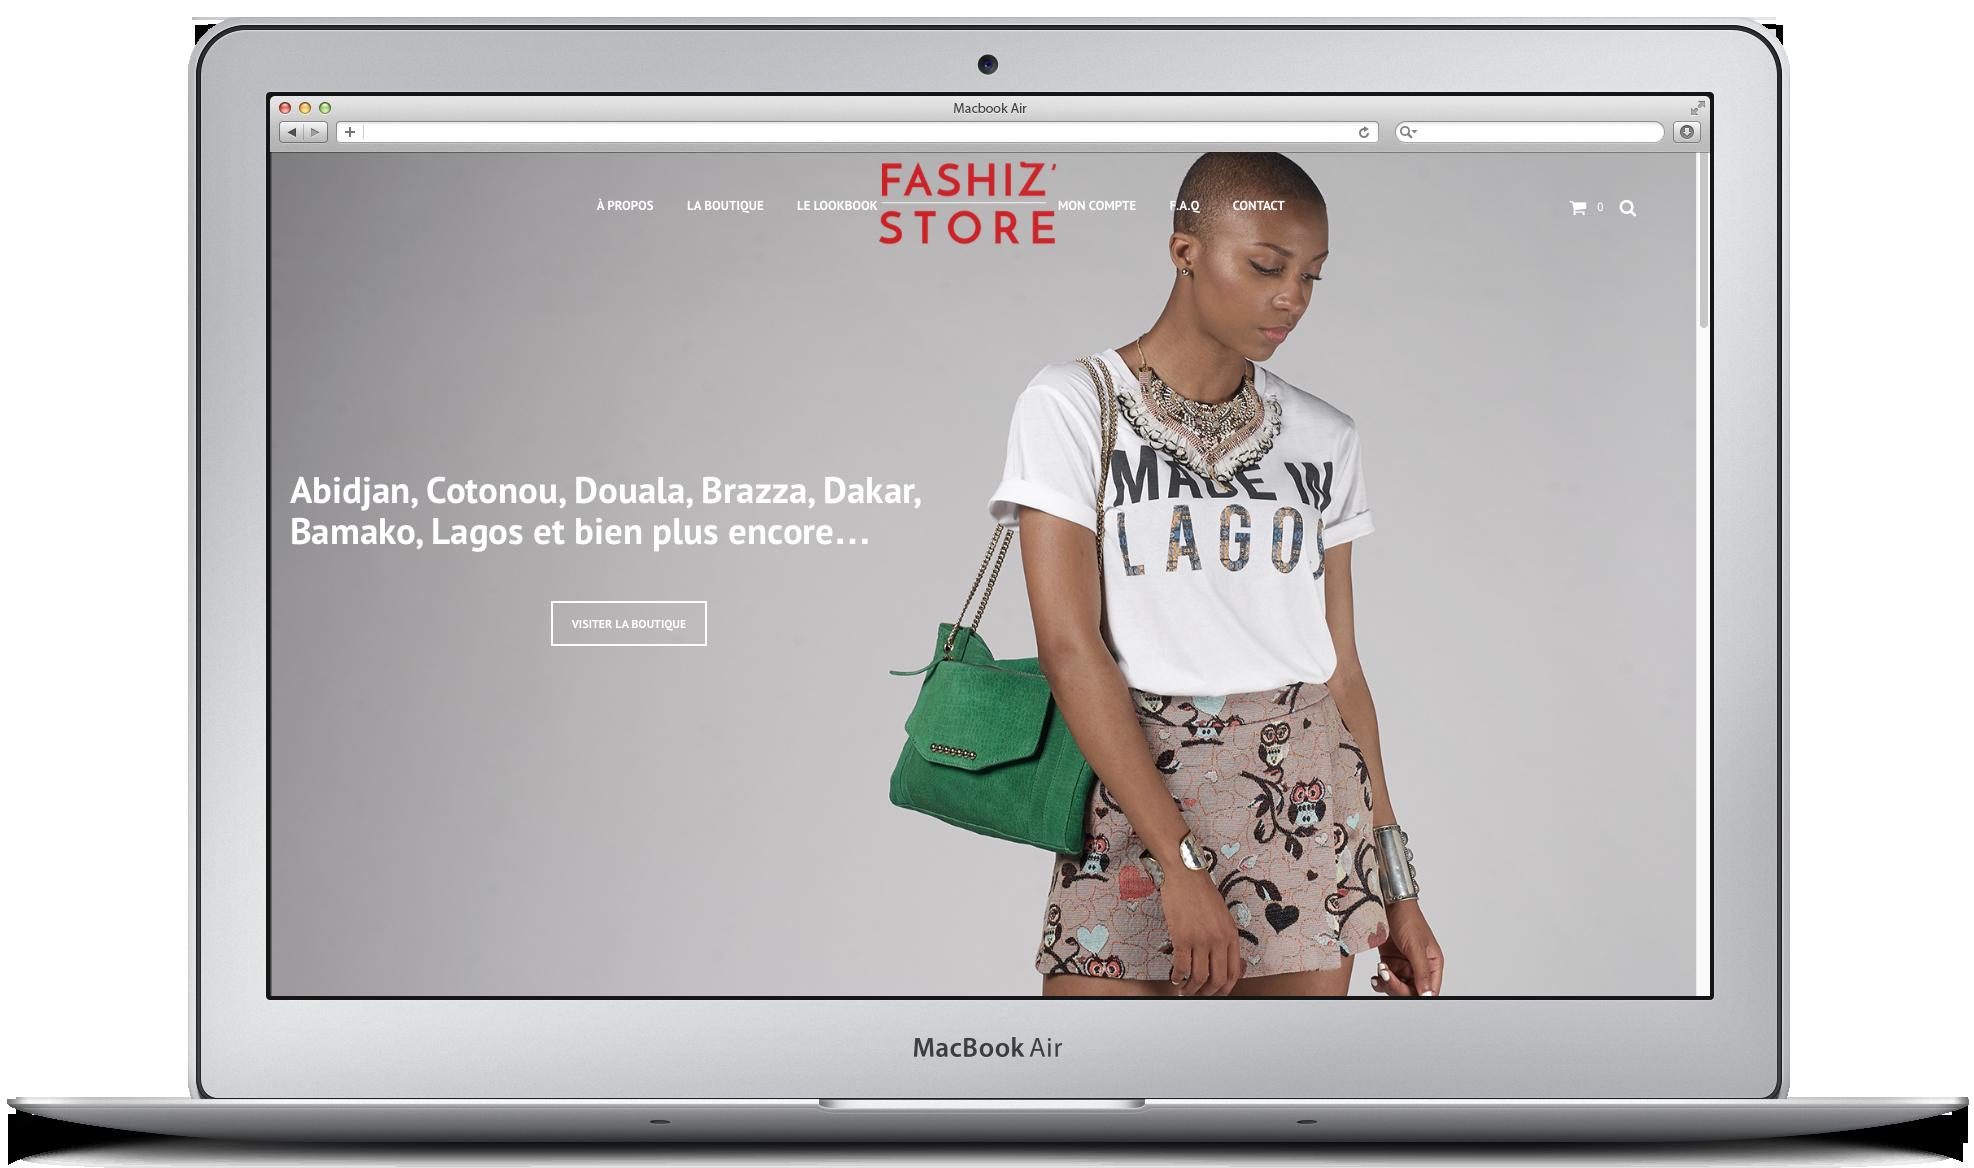 shopfashizblack